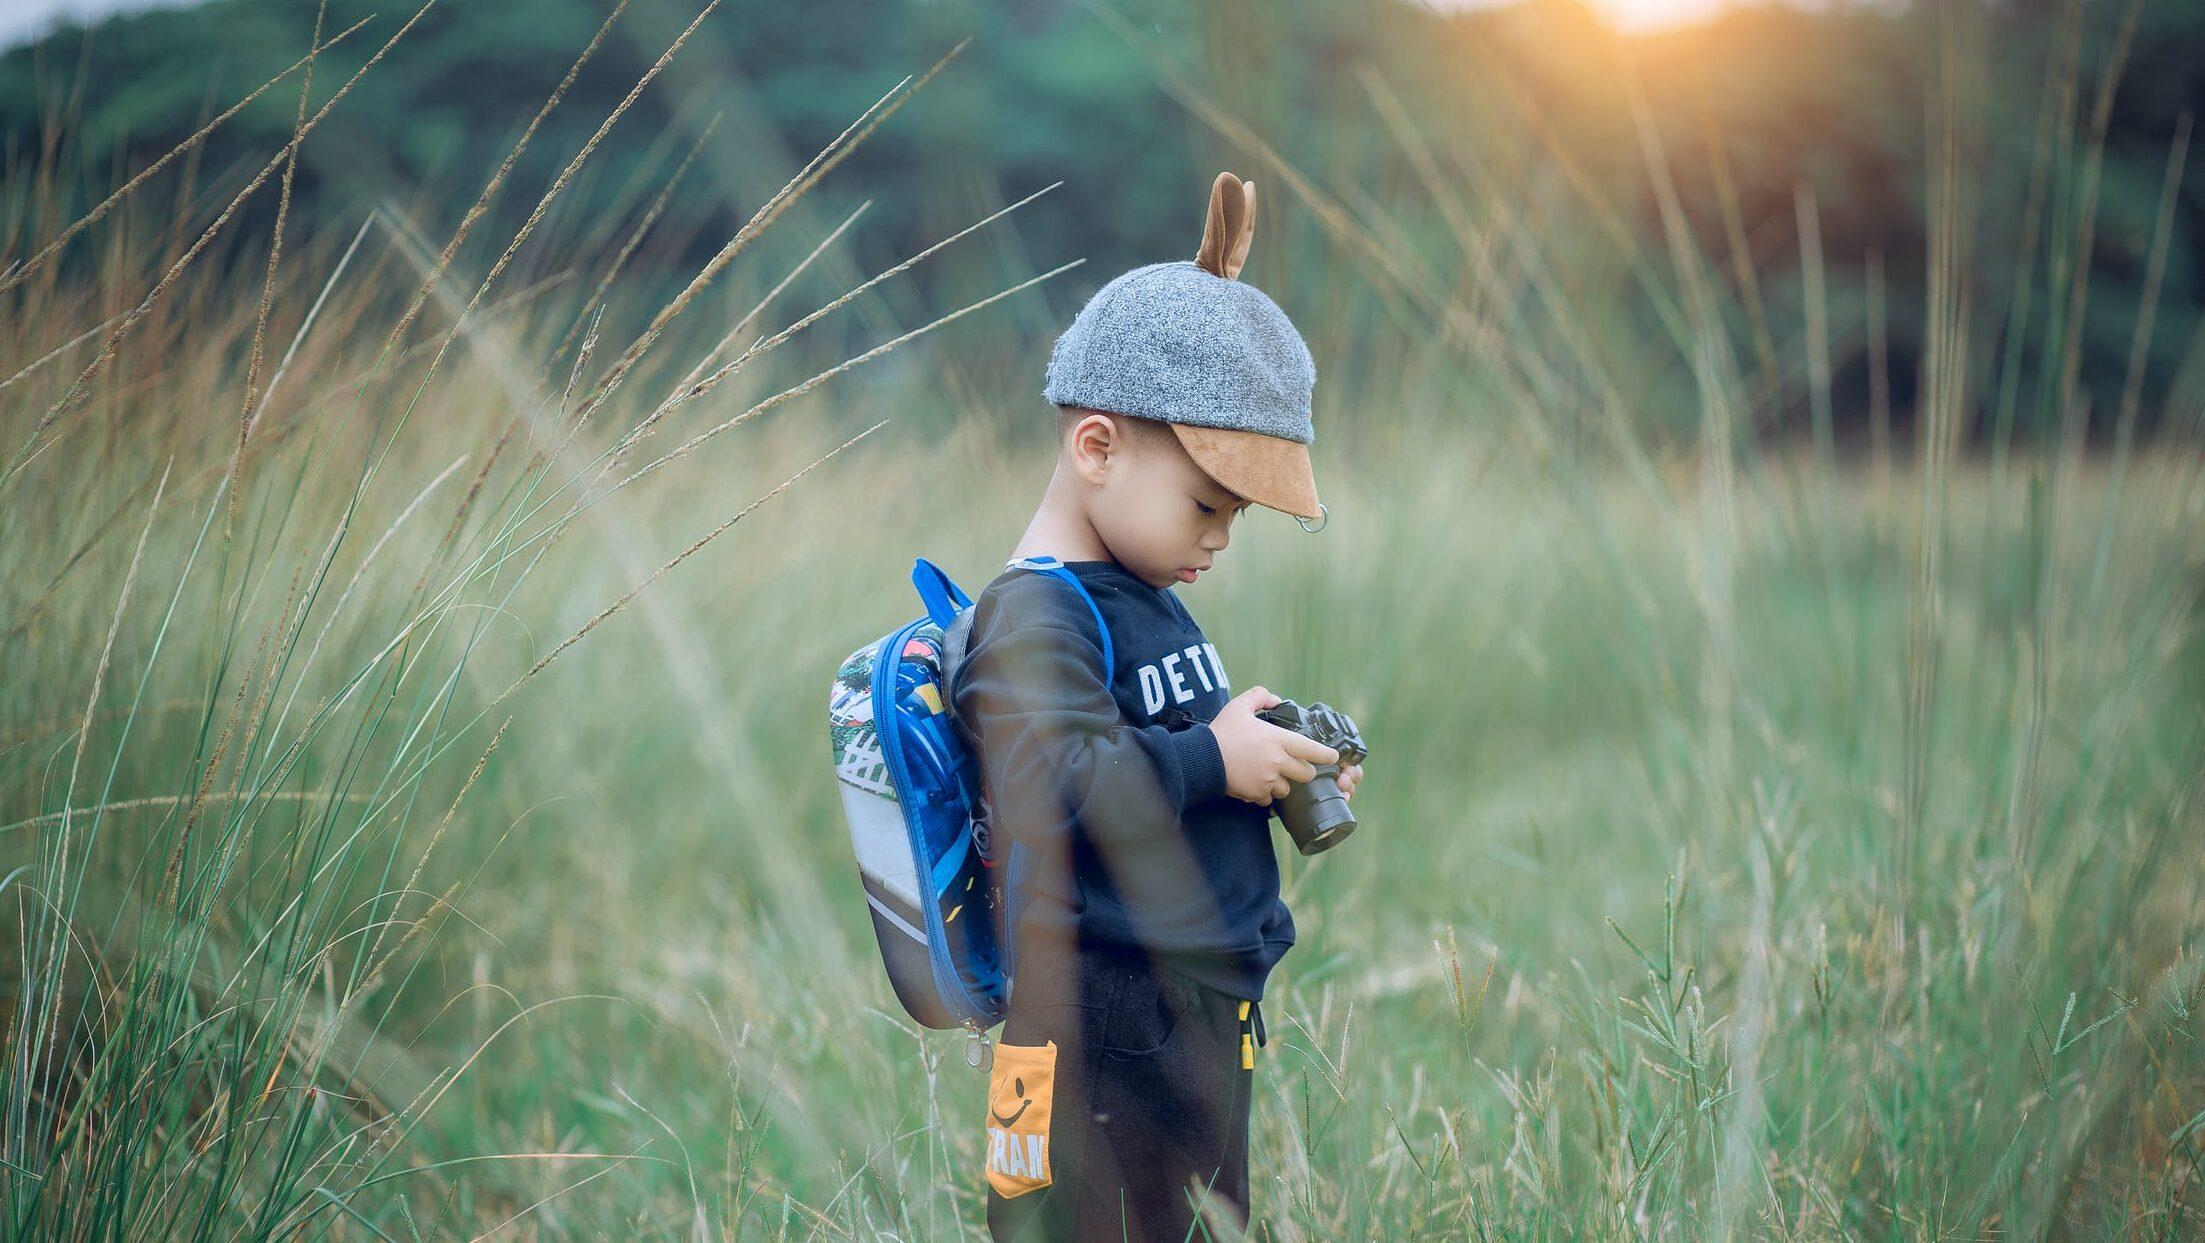 子供(幼児)が興味や関心を持つ身近なもののランキングのイメージ画像3